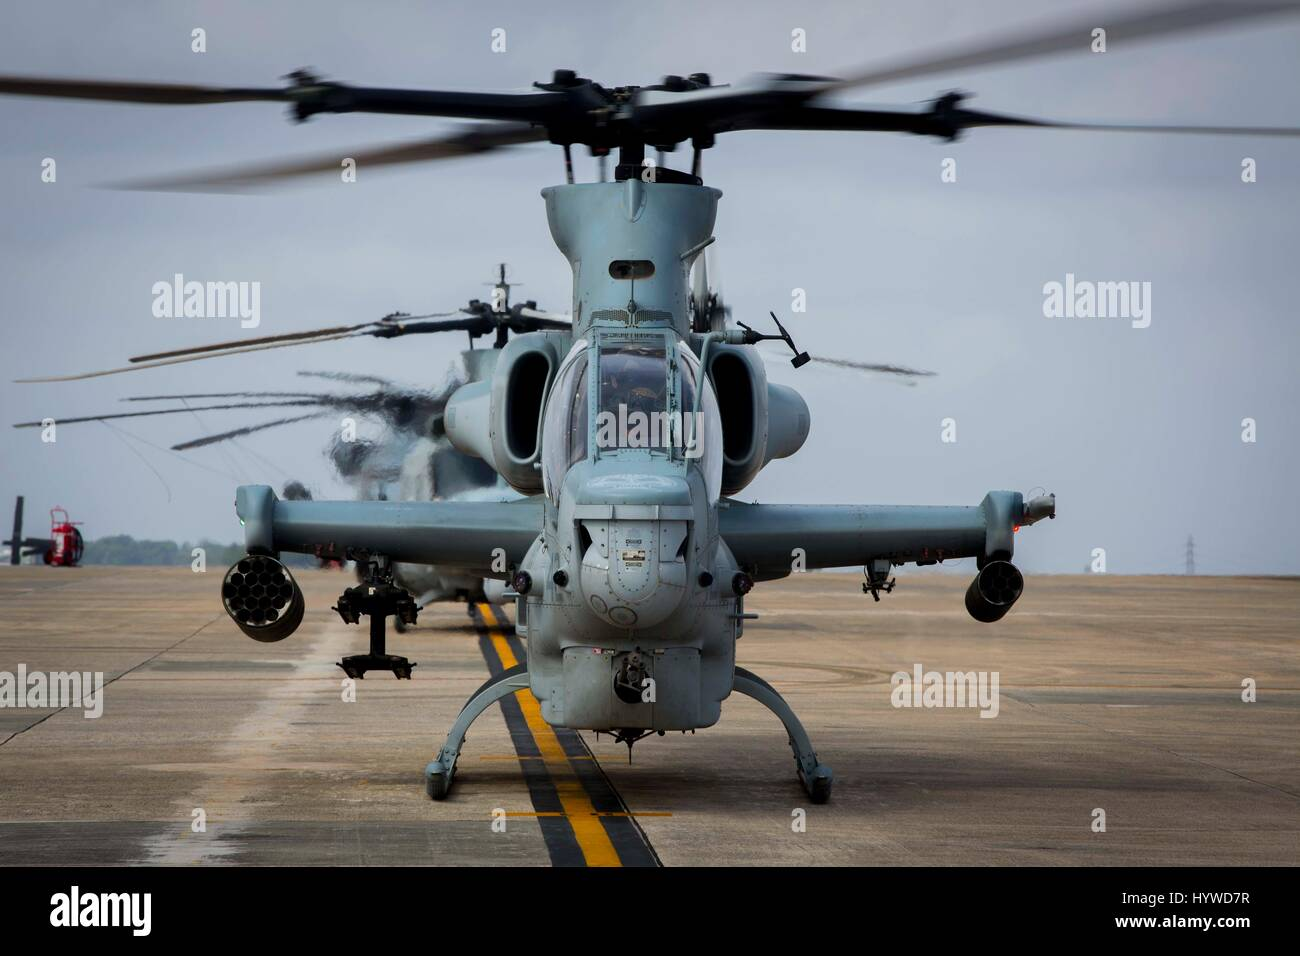 Owinawa, au Japon. Apr 26, 2017. Un Corps des Marines américains AH-1W Super Cobra Hélicoptères d'attaque commencer vérifications avant vol, avant un exercice de répétition de mission à Futenma Marine Corps Air Station, 26 avril 2017 à Okinawa, au Japon. Les forces américaines dans la région de l'Asie ont augmenté comme exercices de combat continuent d'augmenter les tensions entre les États-Unis et la Corée du Nord. Credit: Planetpix/Alamy Live News Banque D'Images